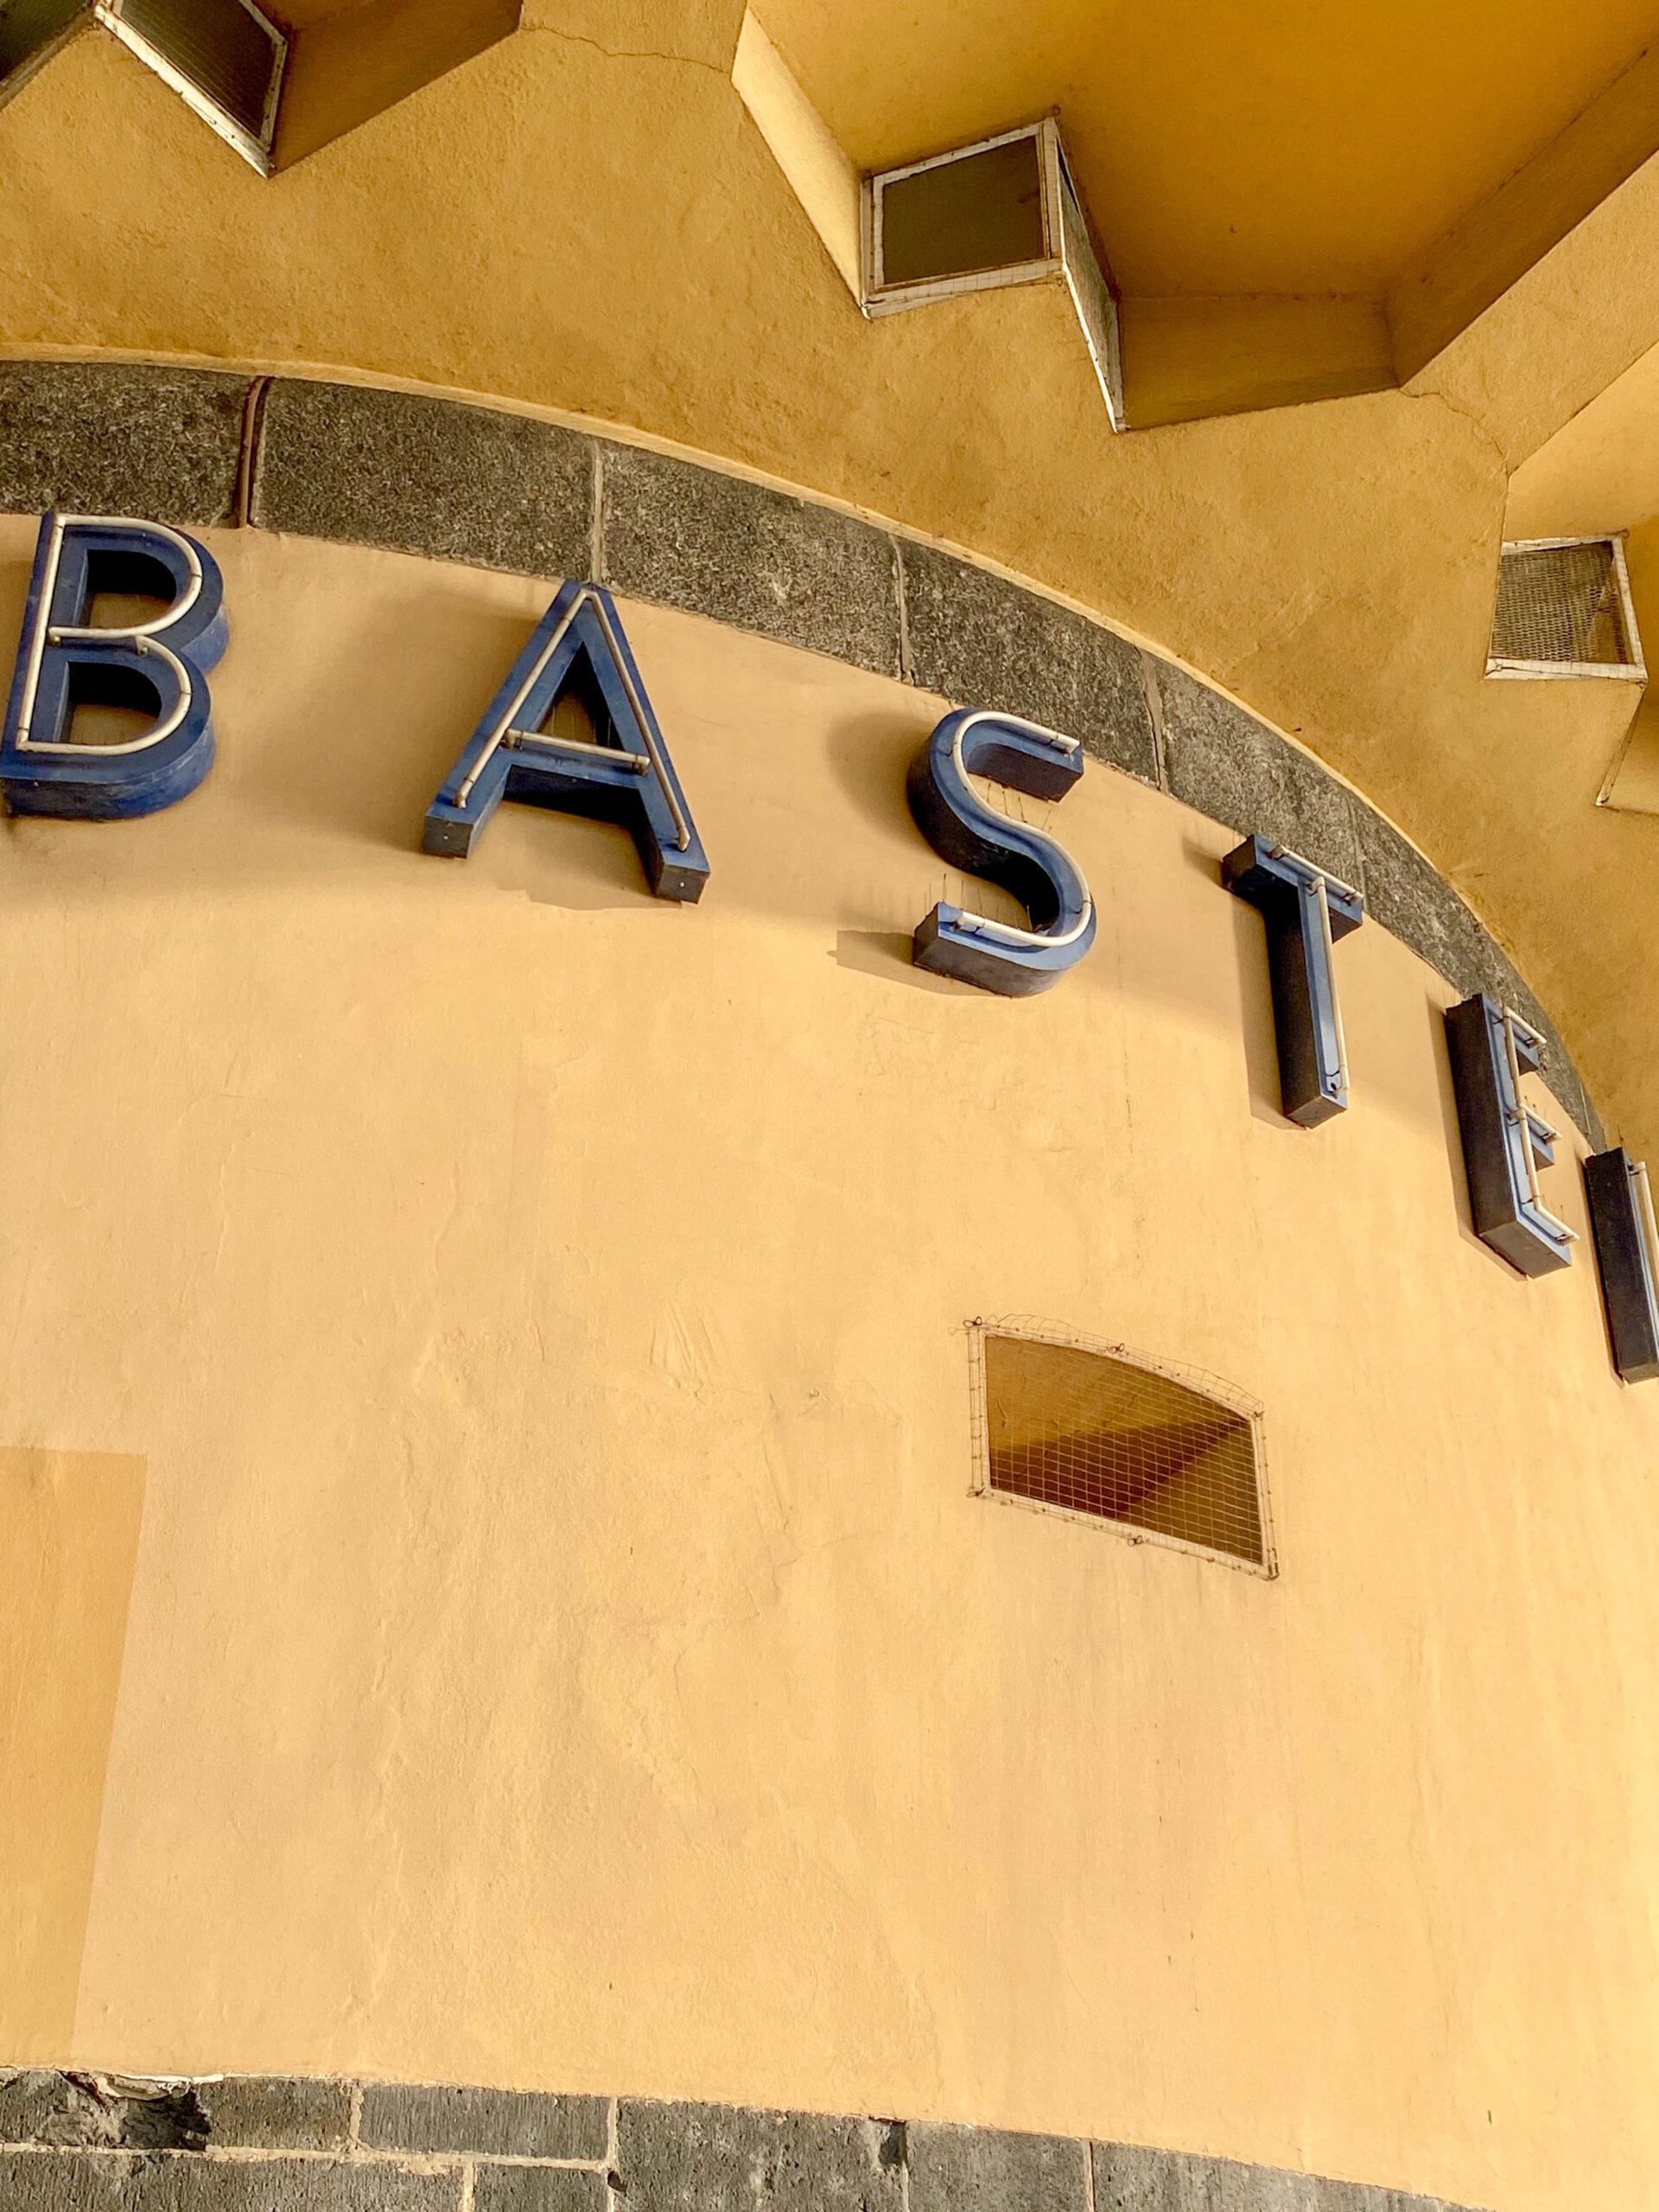 Bastei, 1923-1924. Architect: Wilhelm Riphahn